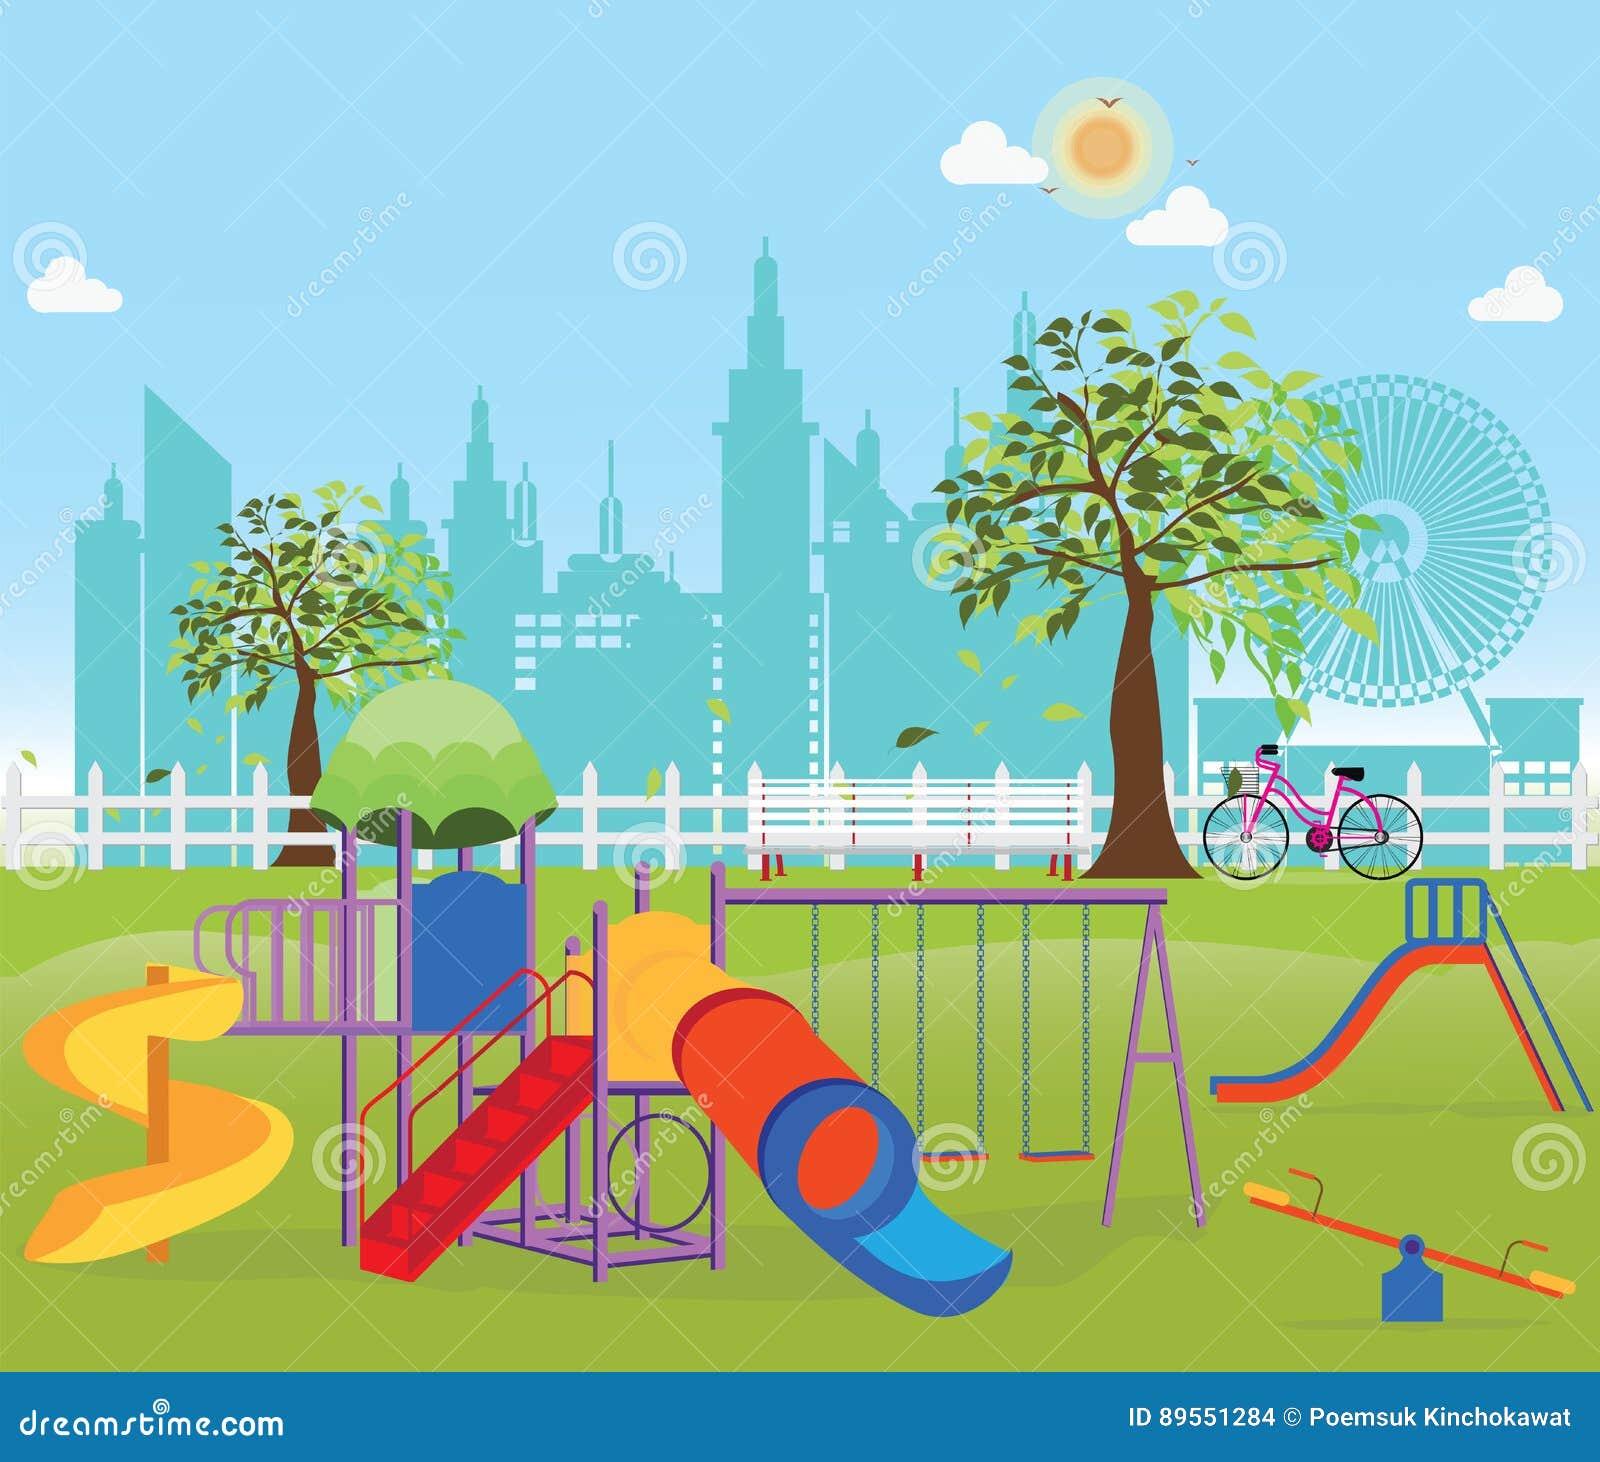 Παιδική χαρά στο δημόσιο πάρκο στην πόλη